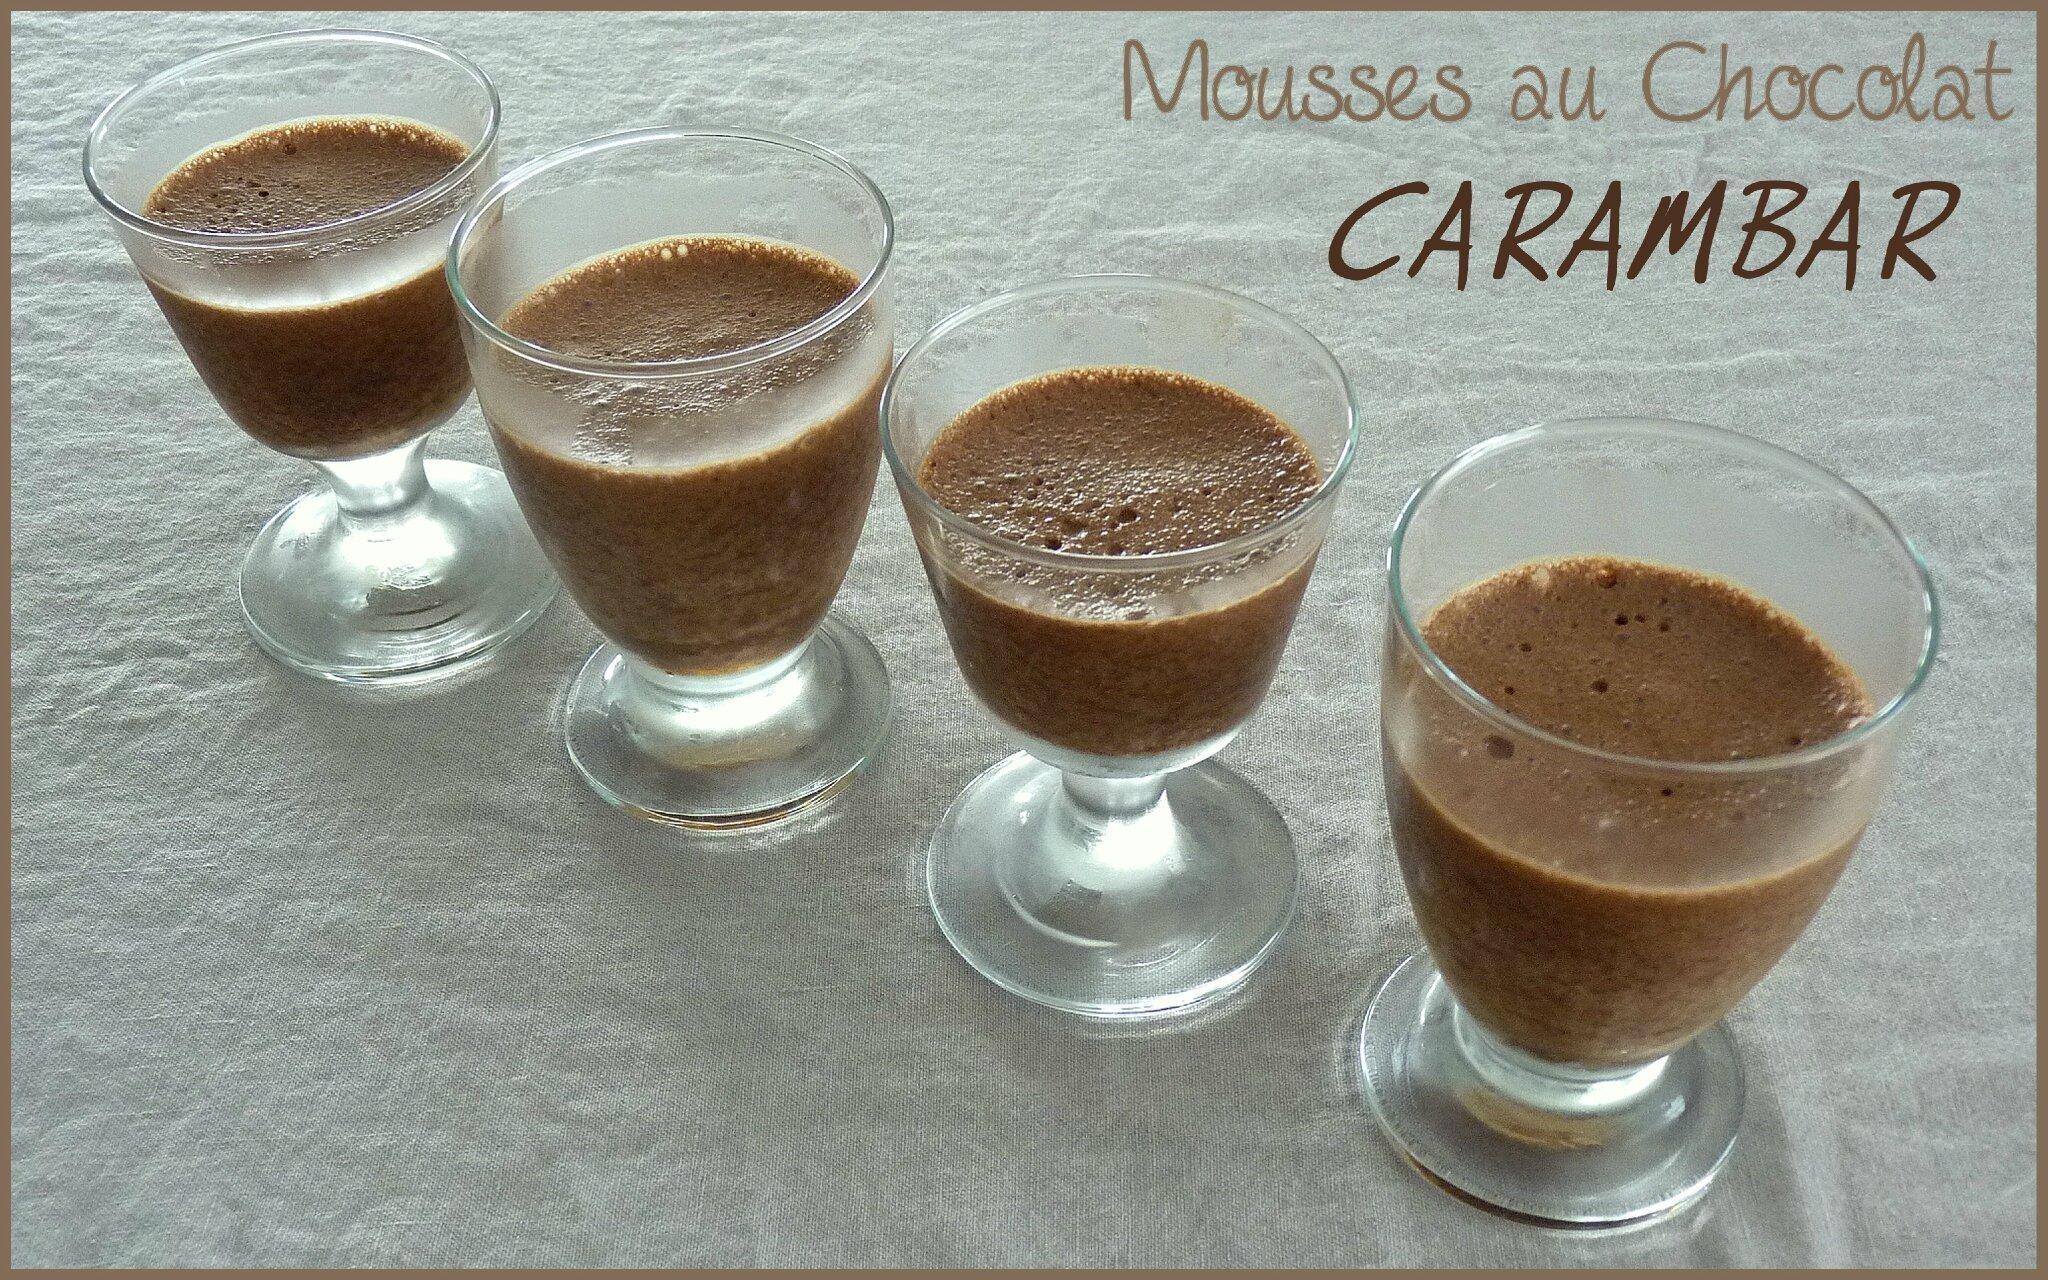 Mousses au chocolat carambar